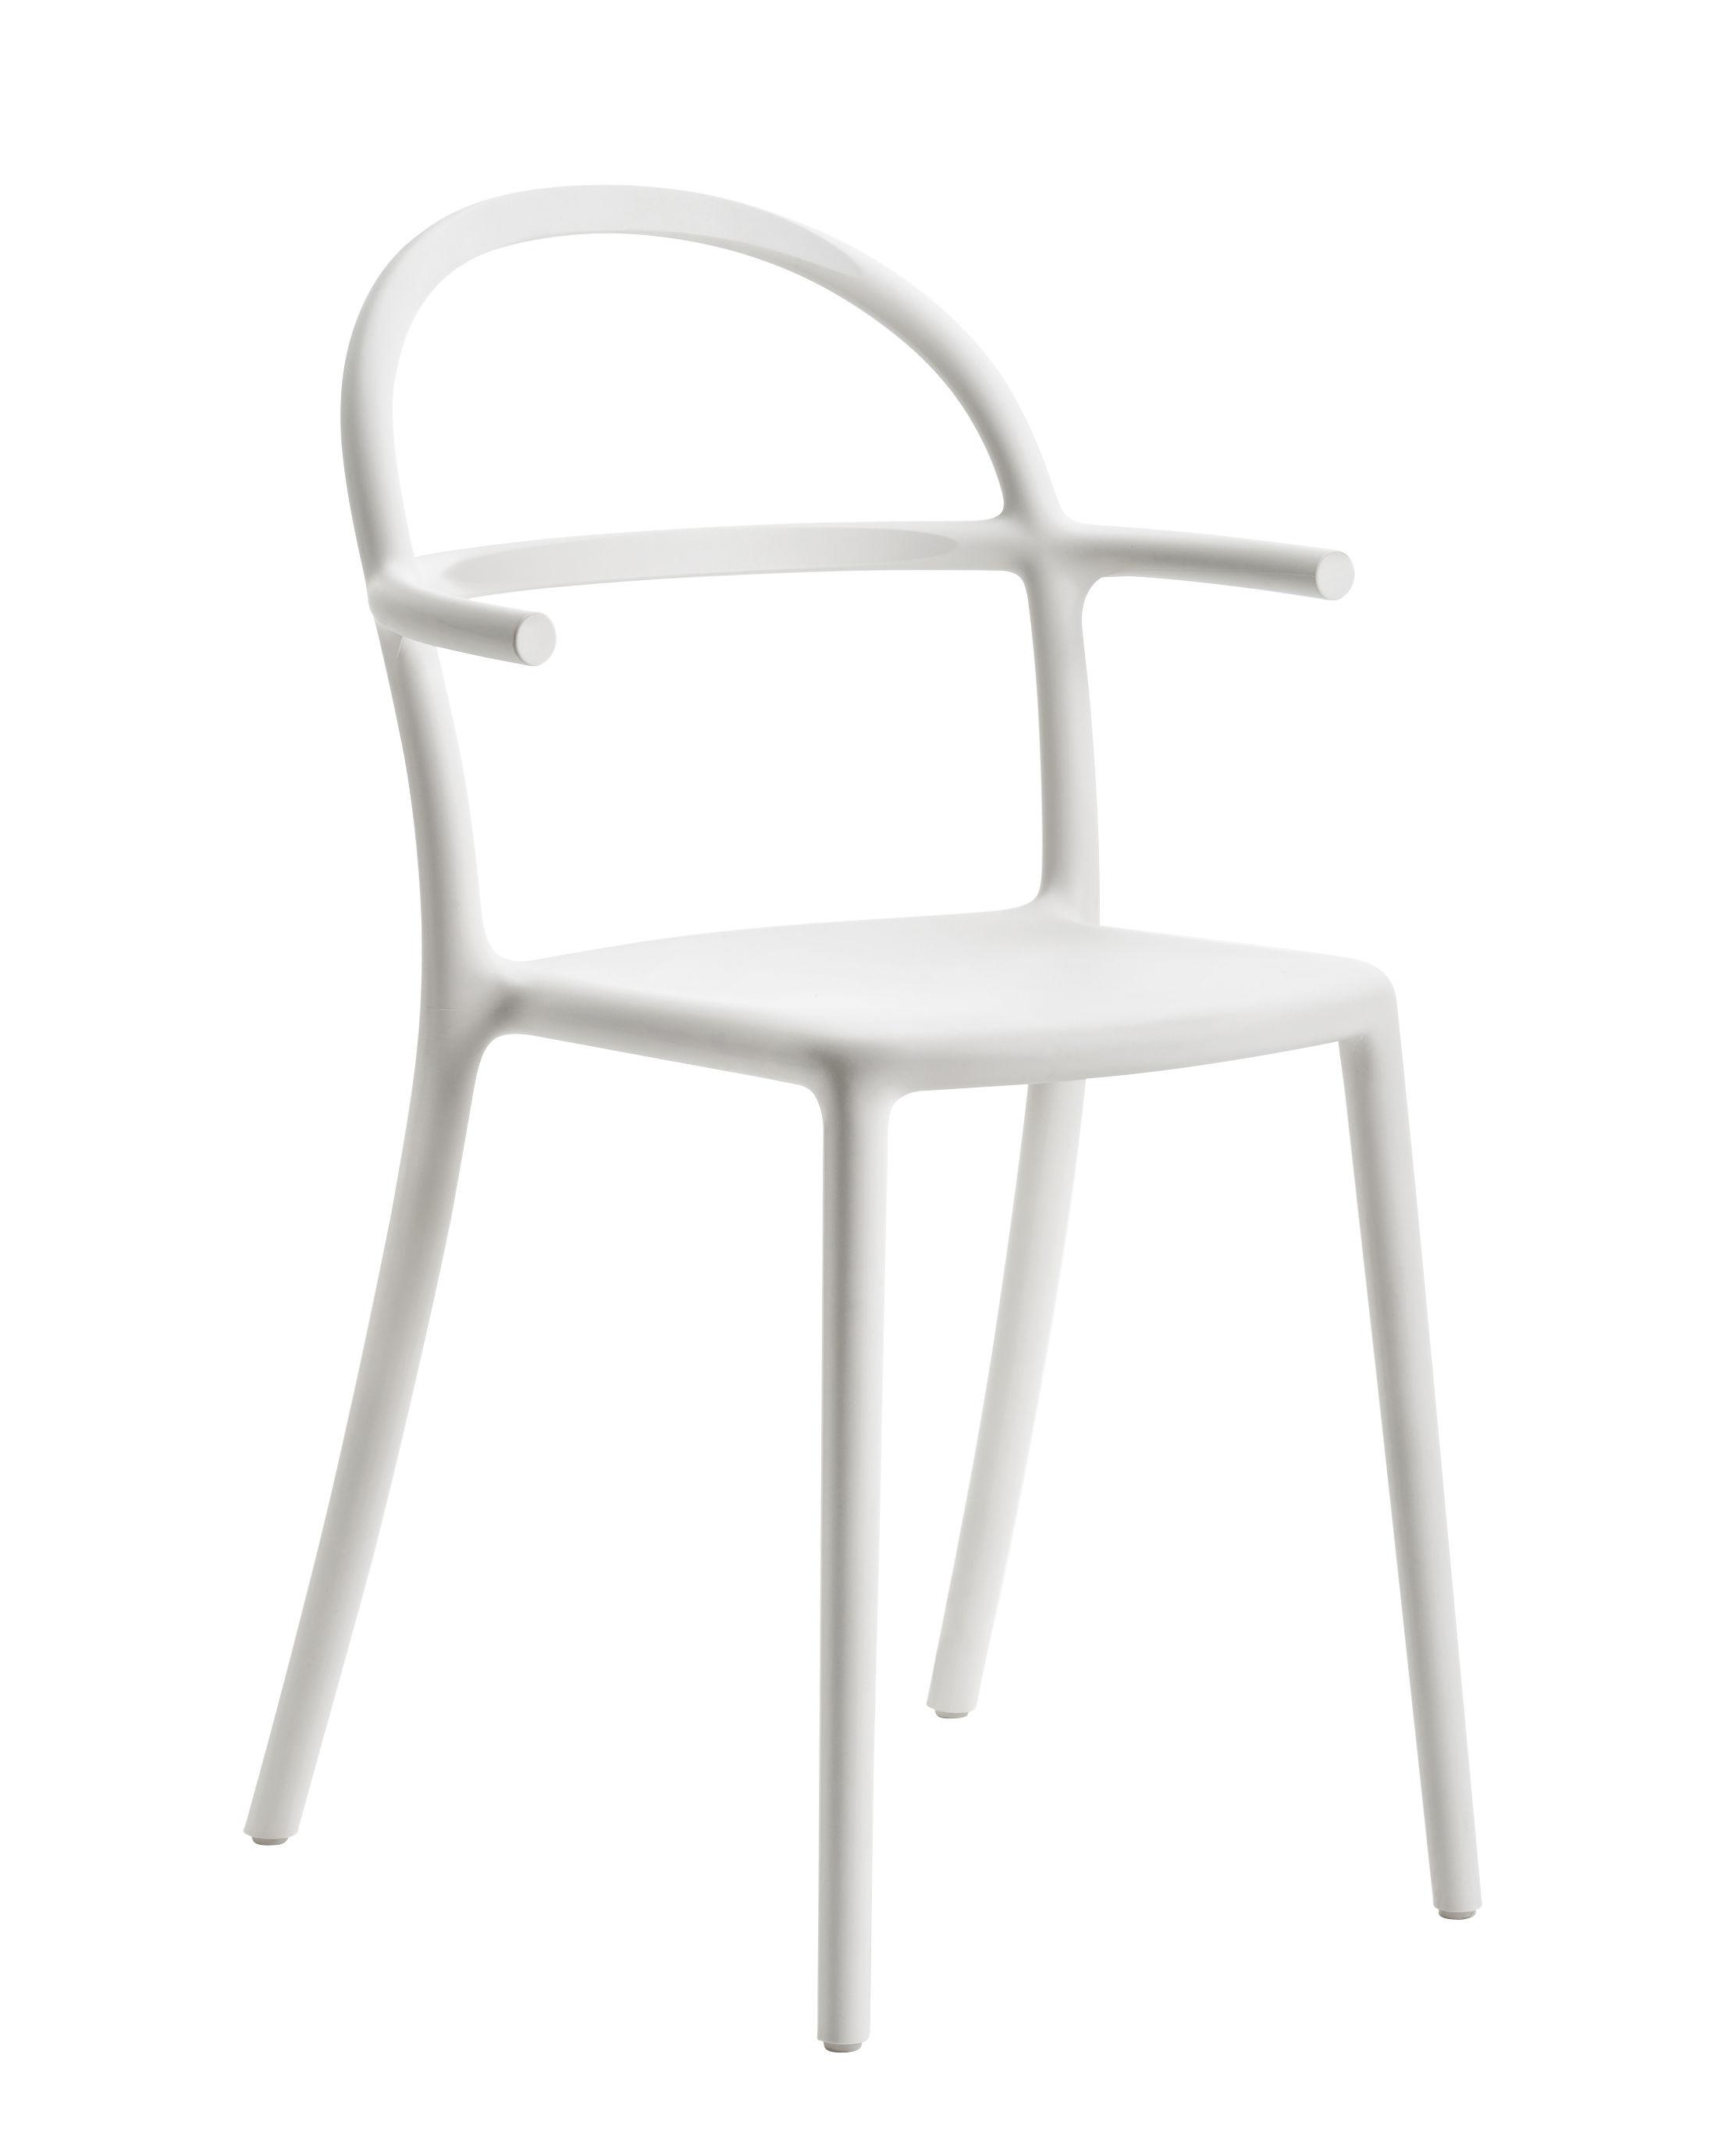 Mobilier - Chaises, fauteuils de salle à manger - Fauteuil empilable Generic C / Polypropylène - Kartell - Blanc - Prolypopylène